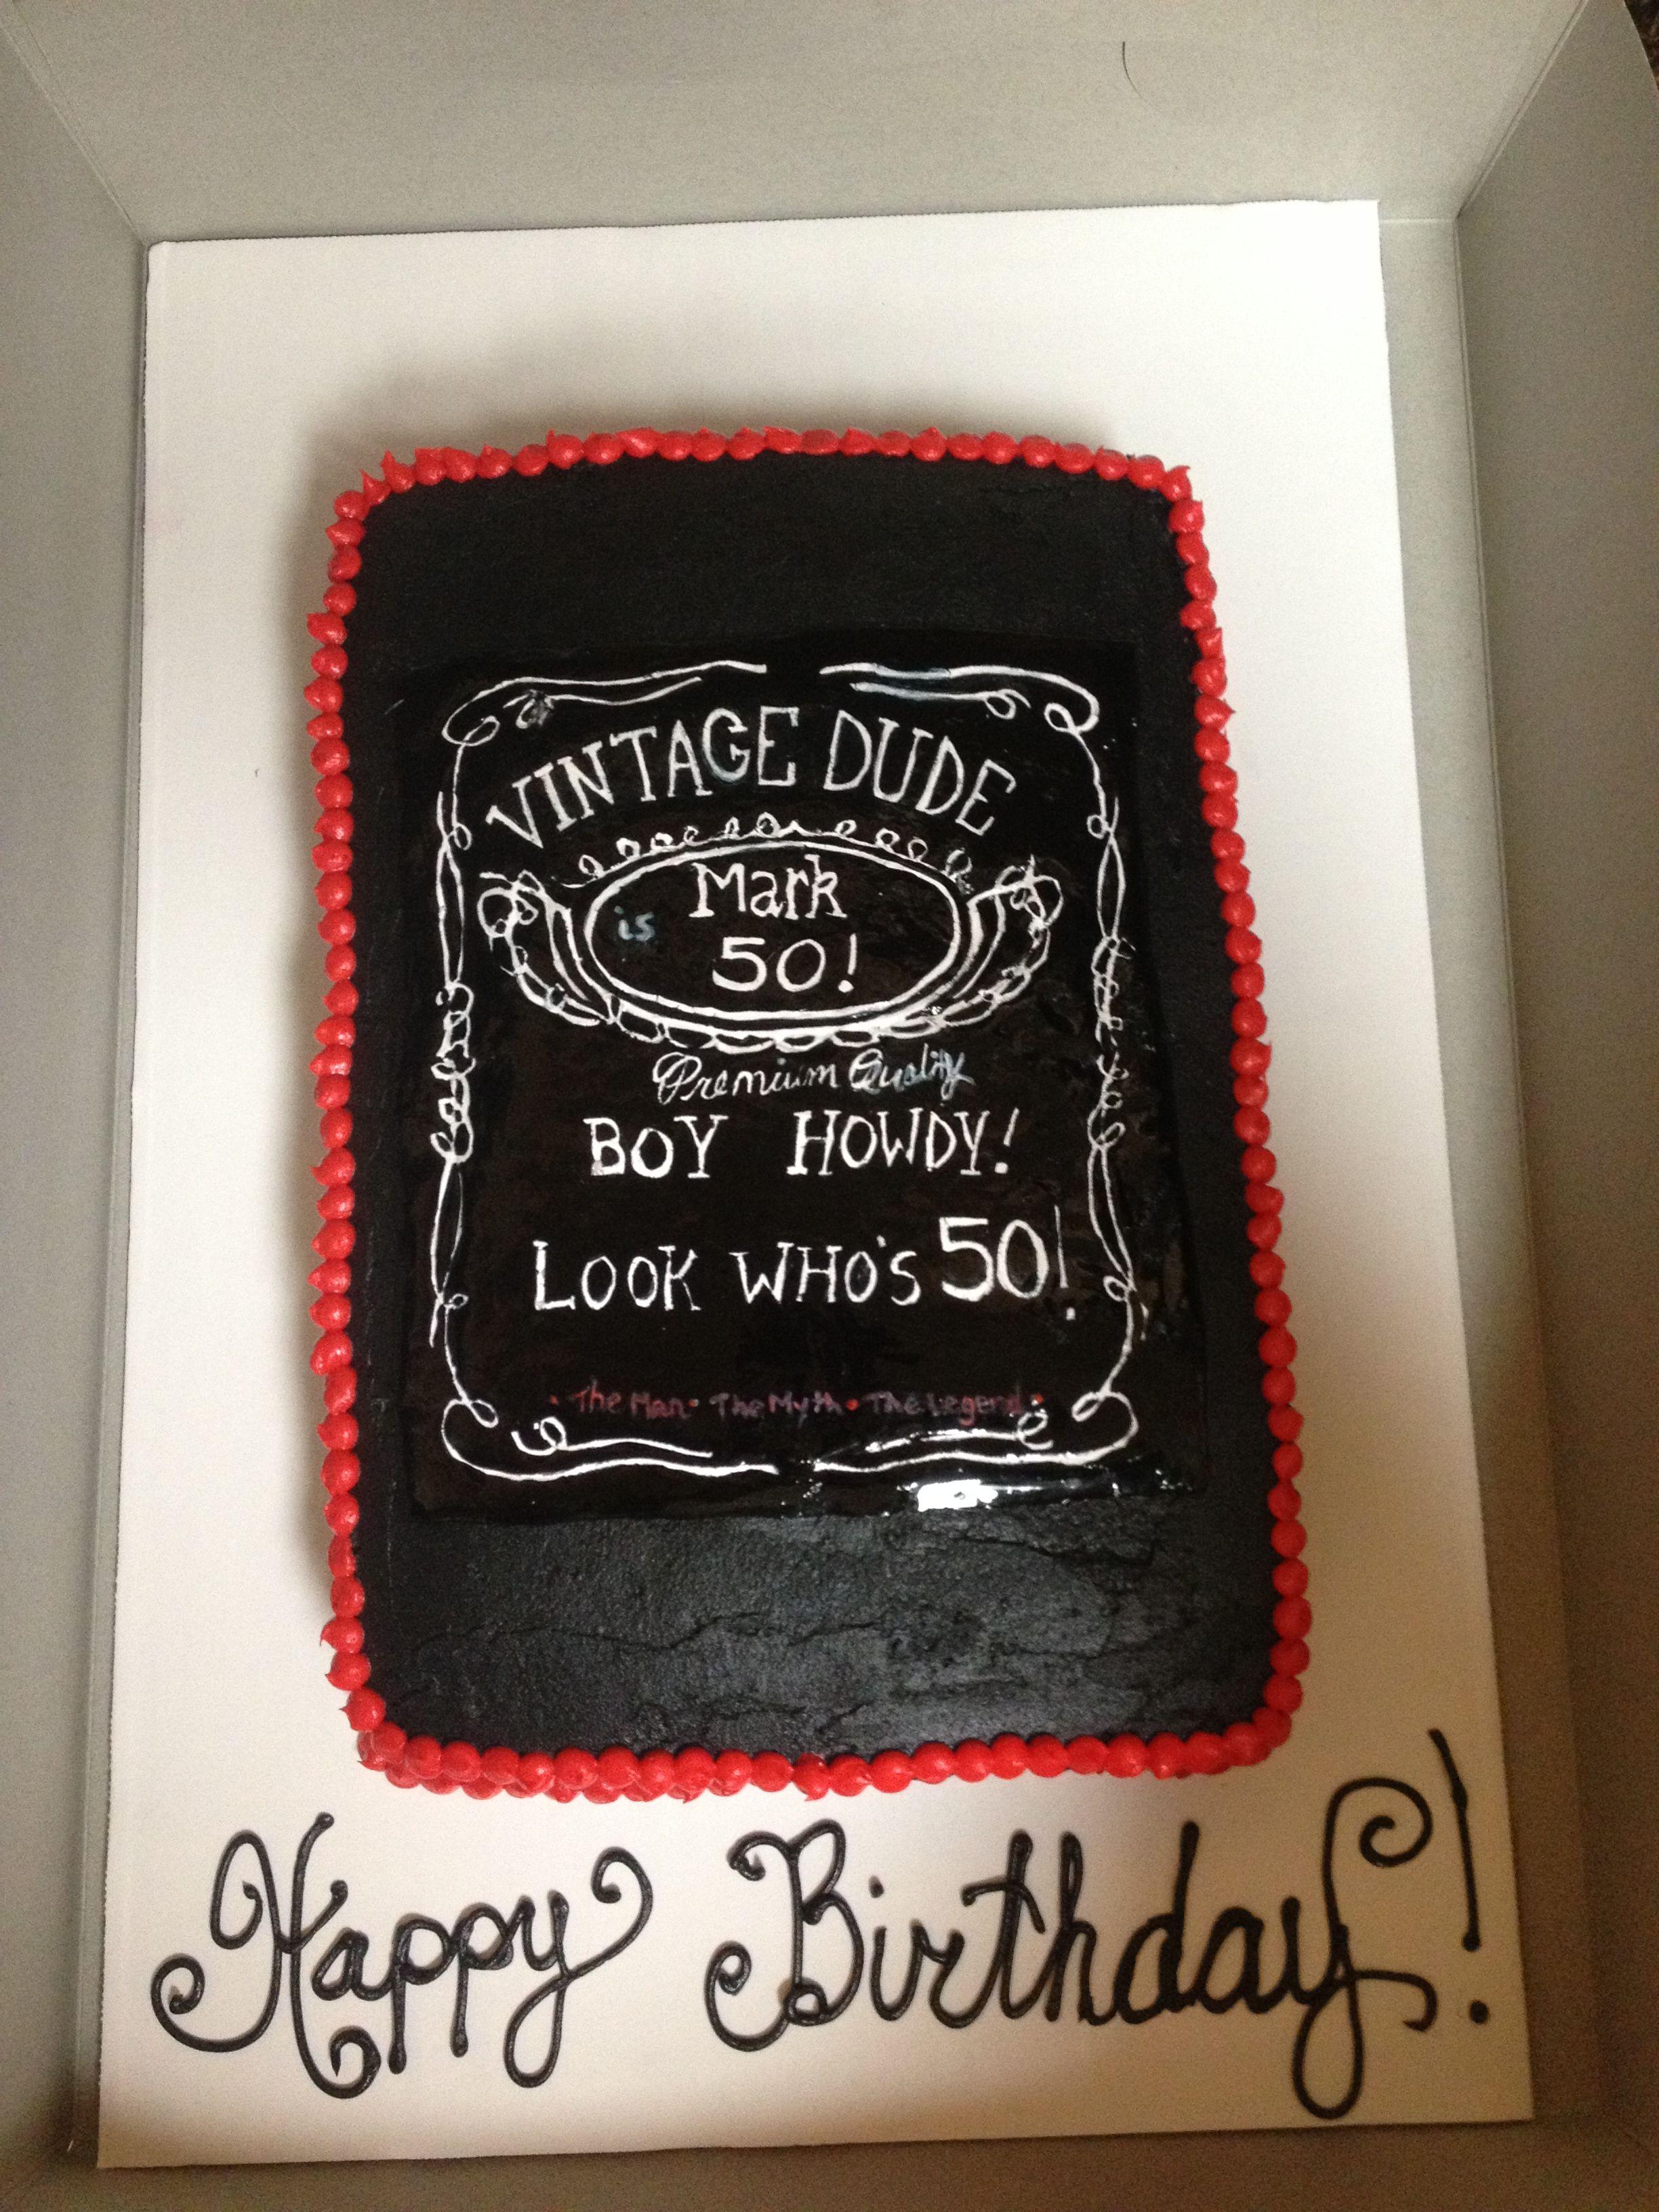 50th Birthday Cake Cupcake Birthday Cake Birthday Cakes For Men